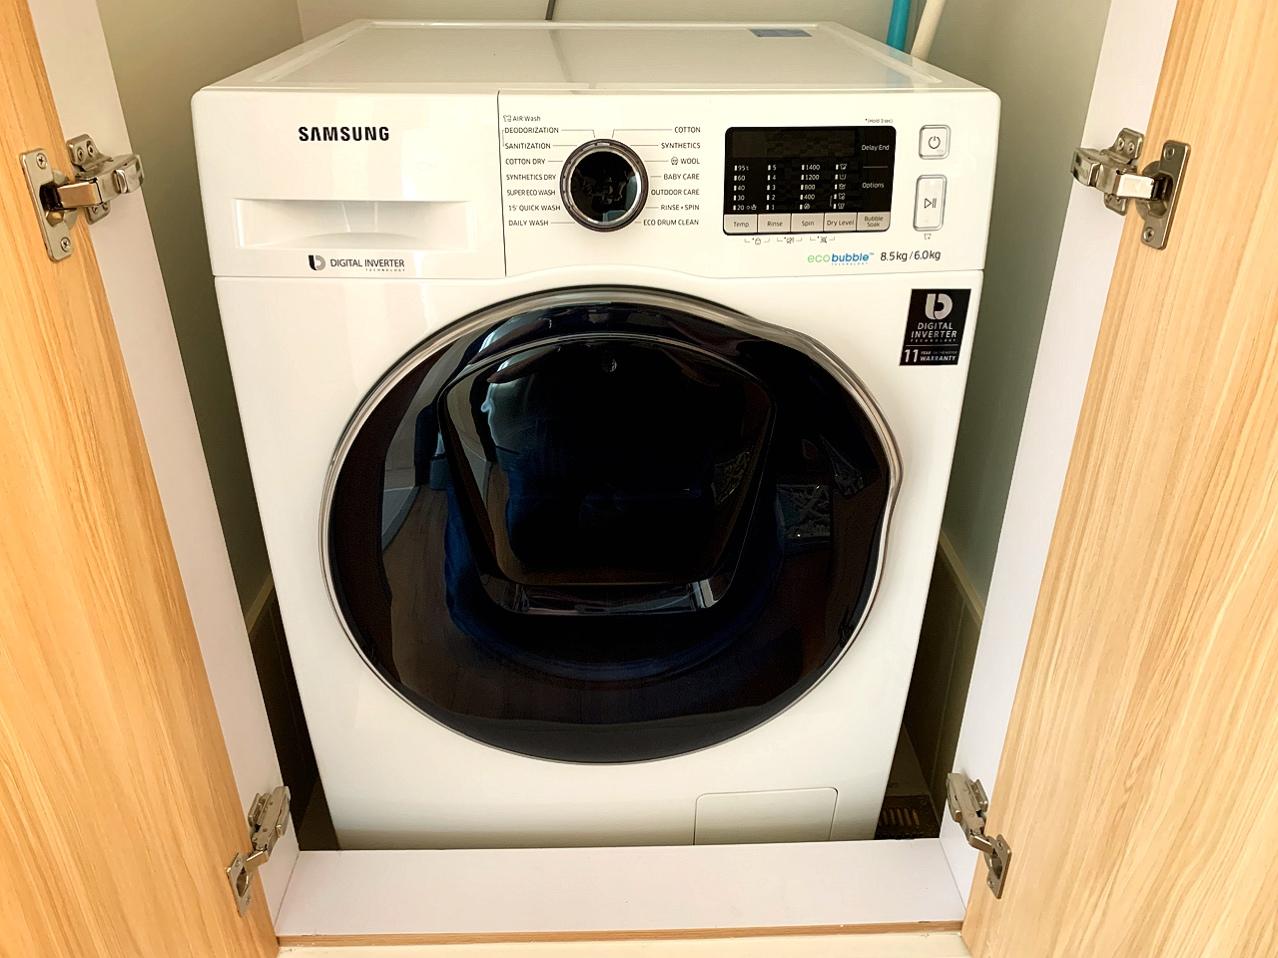 Solineaのユニットは洗濯乾燥機完備!